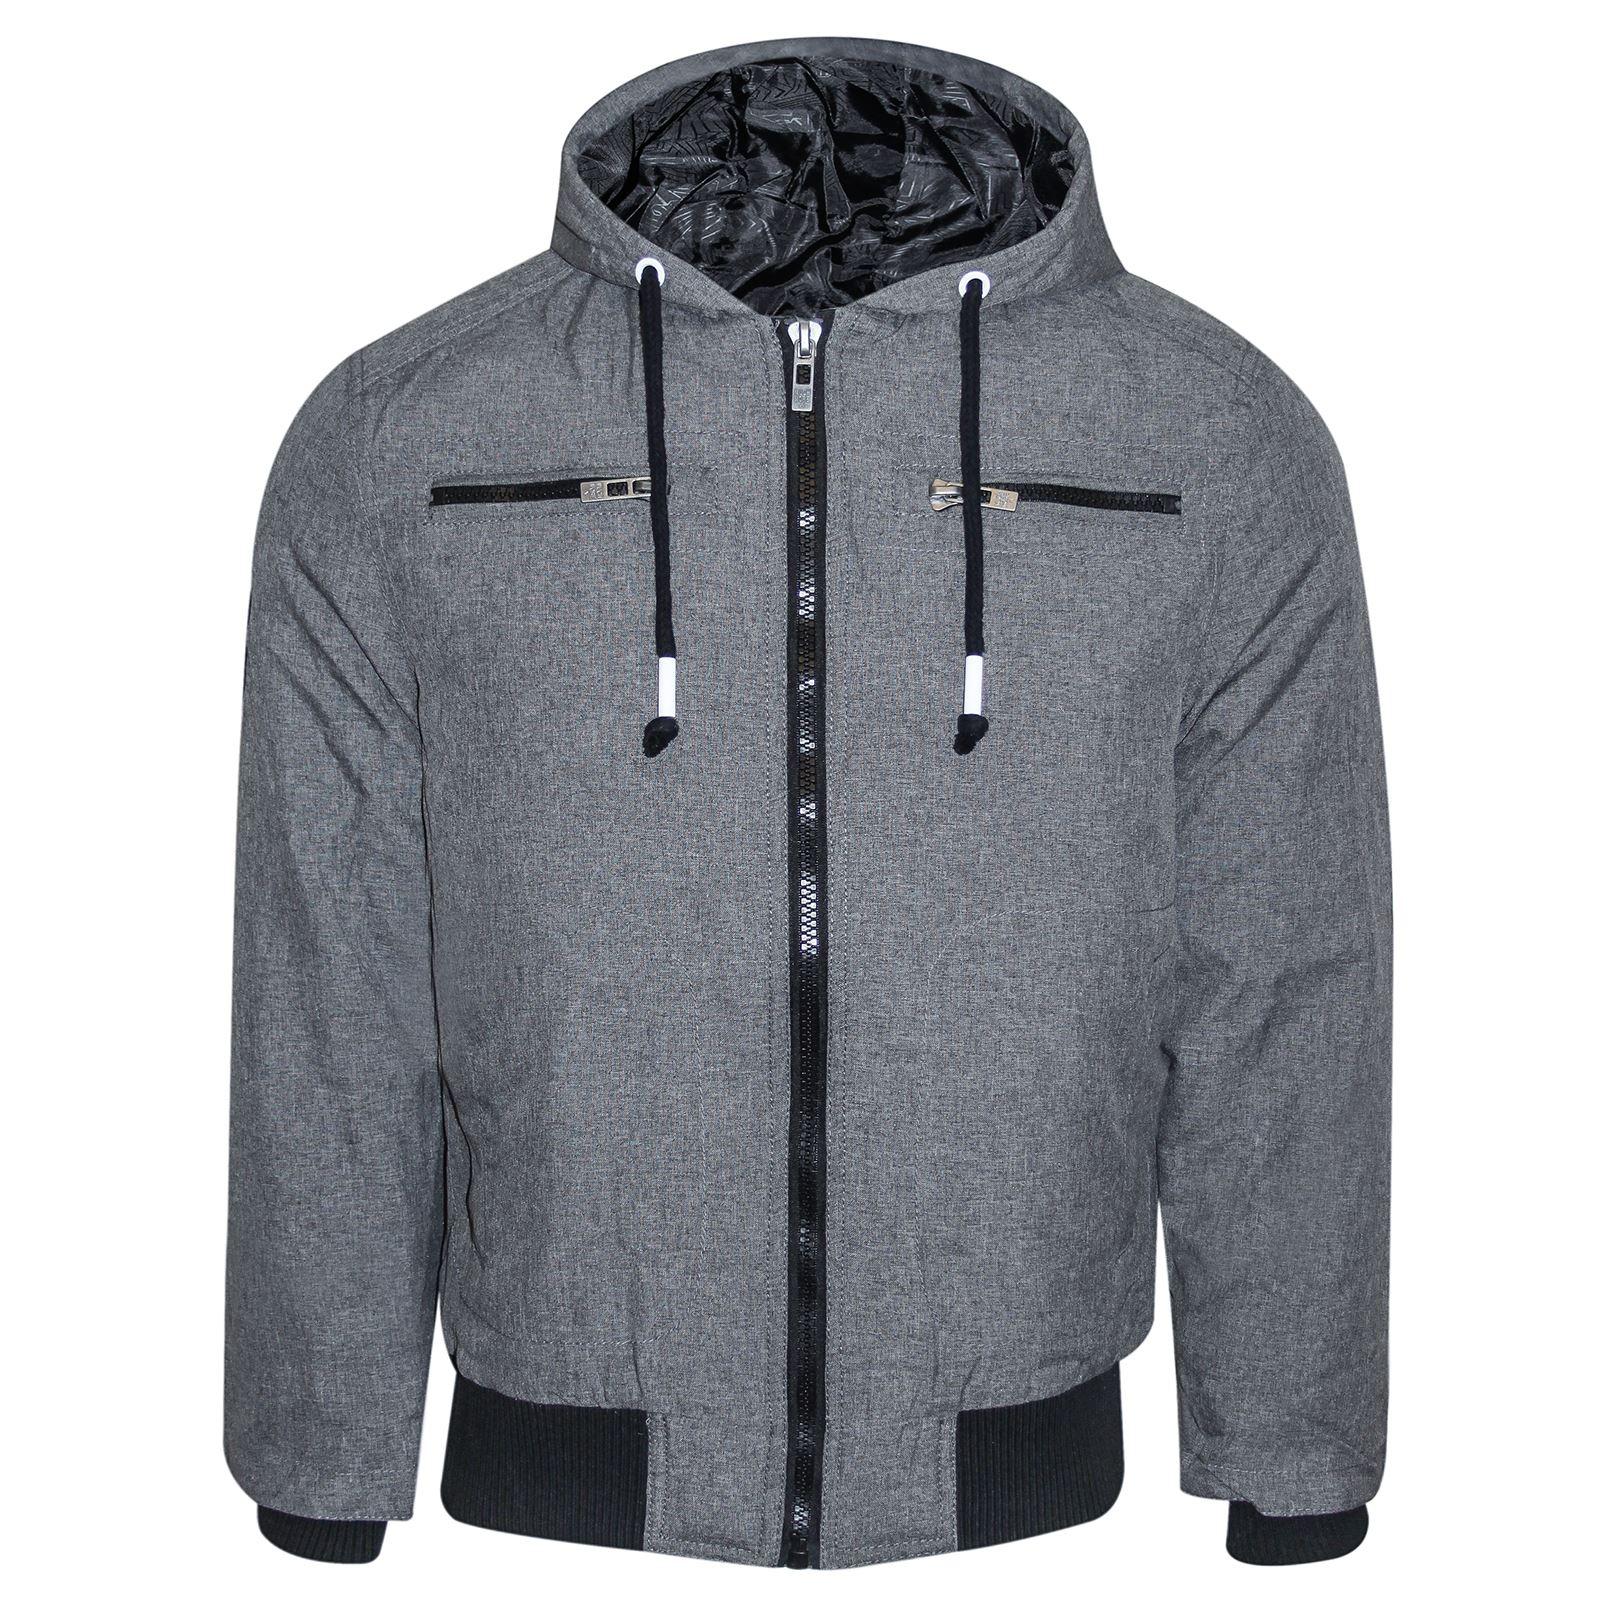 homme rembourr capuche veste bomber hiver de marque manteau 6 poches lastique manchette. Black Bedroom Furniture Sets. Home Design Ideas